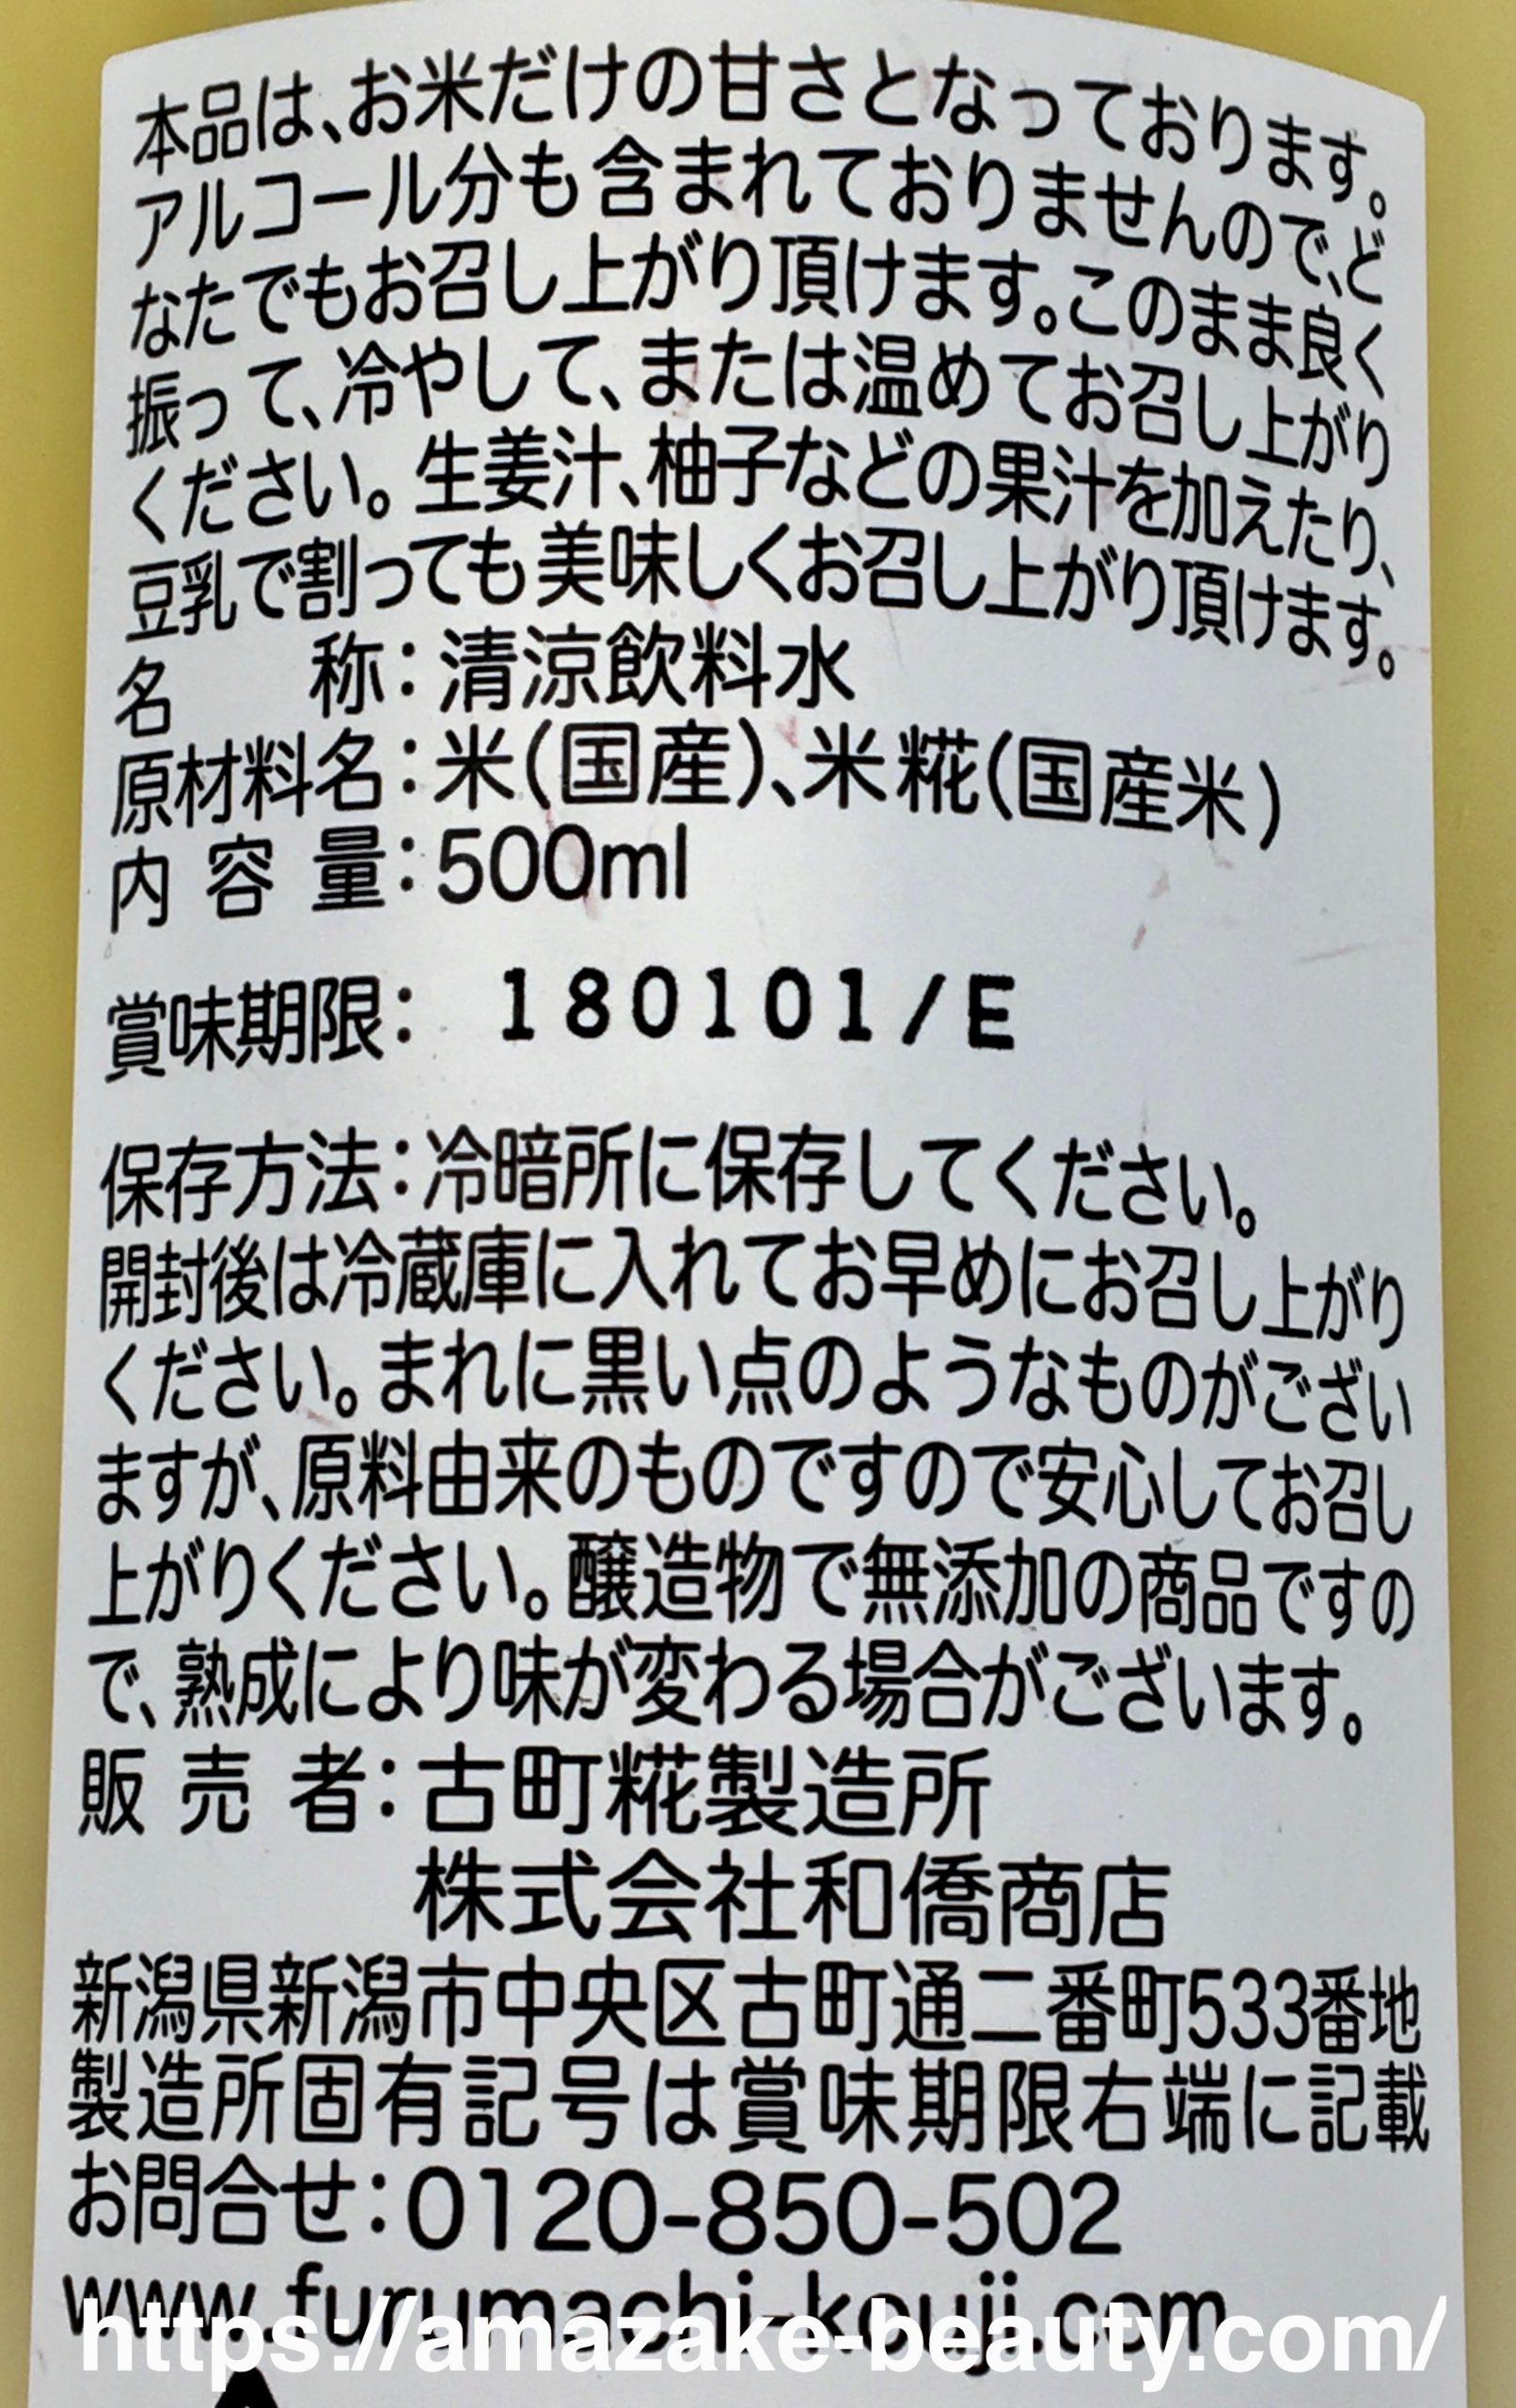 【甘酒】古町糀製造所『糀』(商品情報)